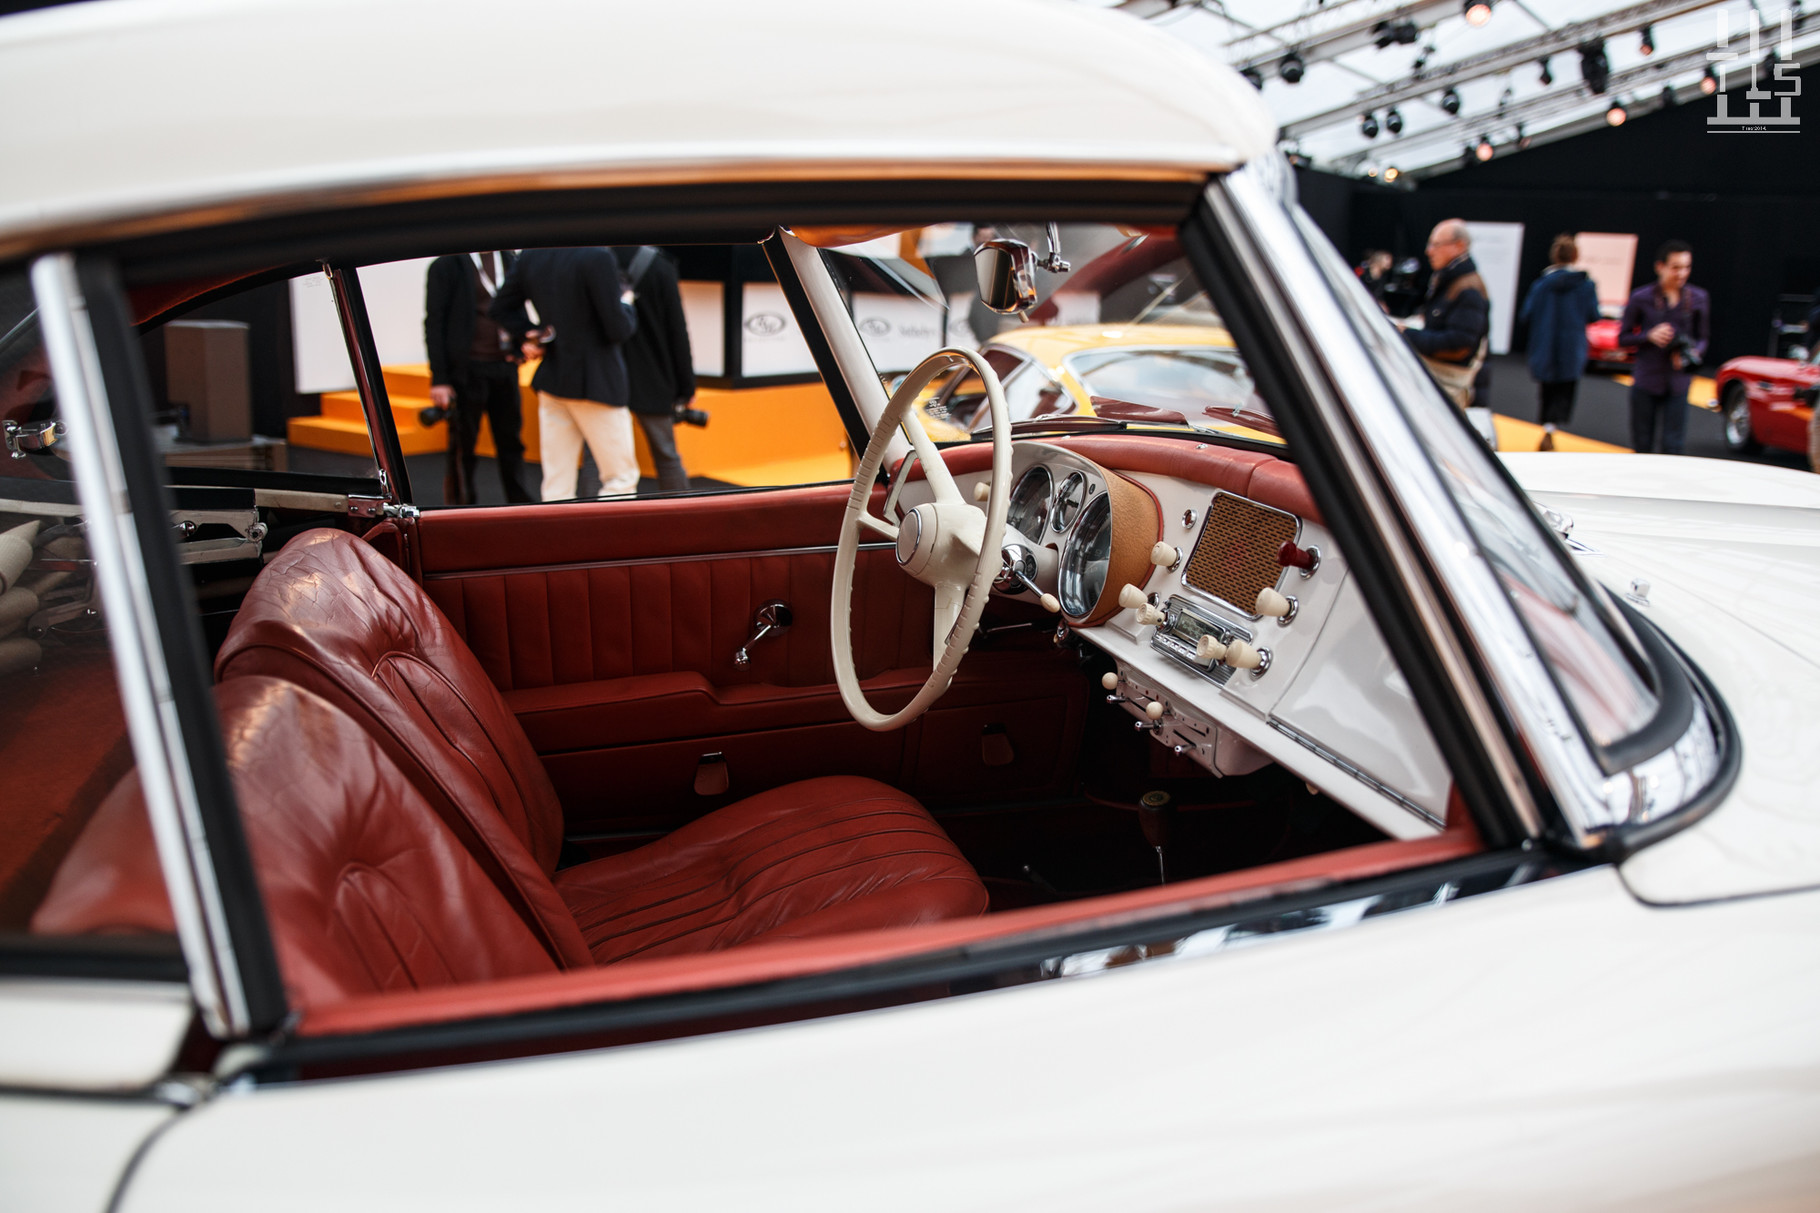 Mercedes-Benz 300 SL Gullwing, vendue à 1 176 000 euros.